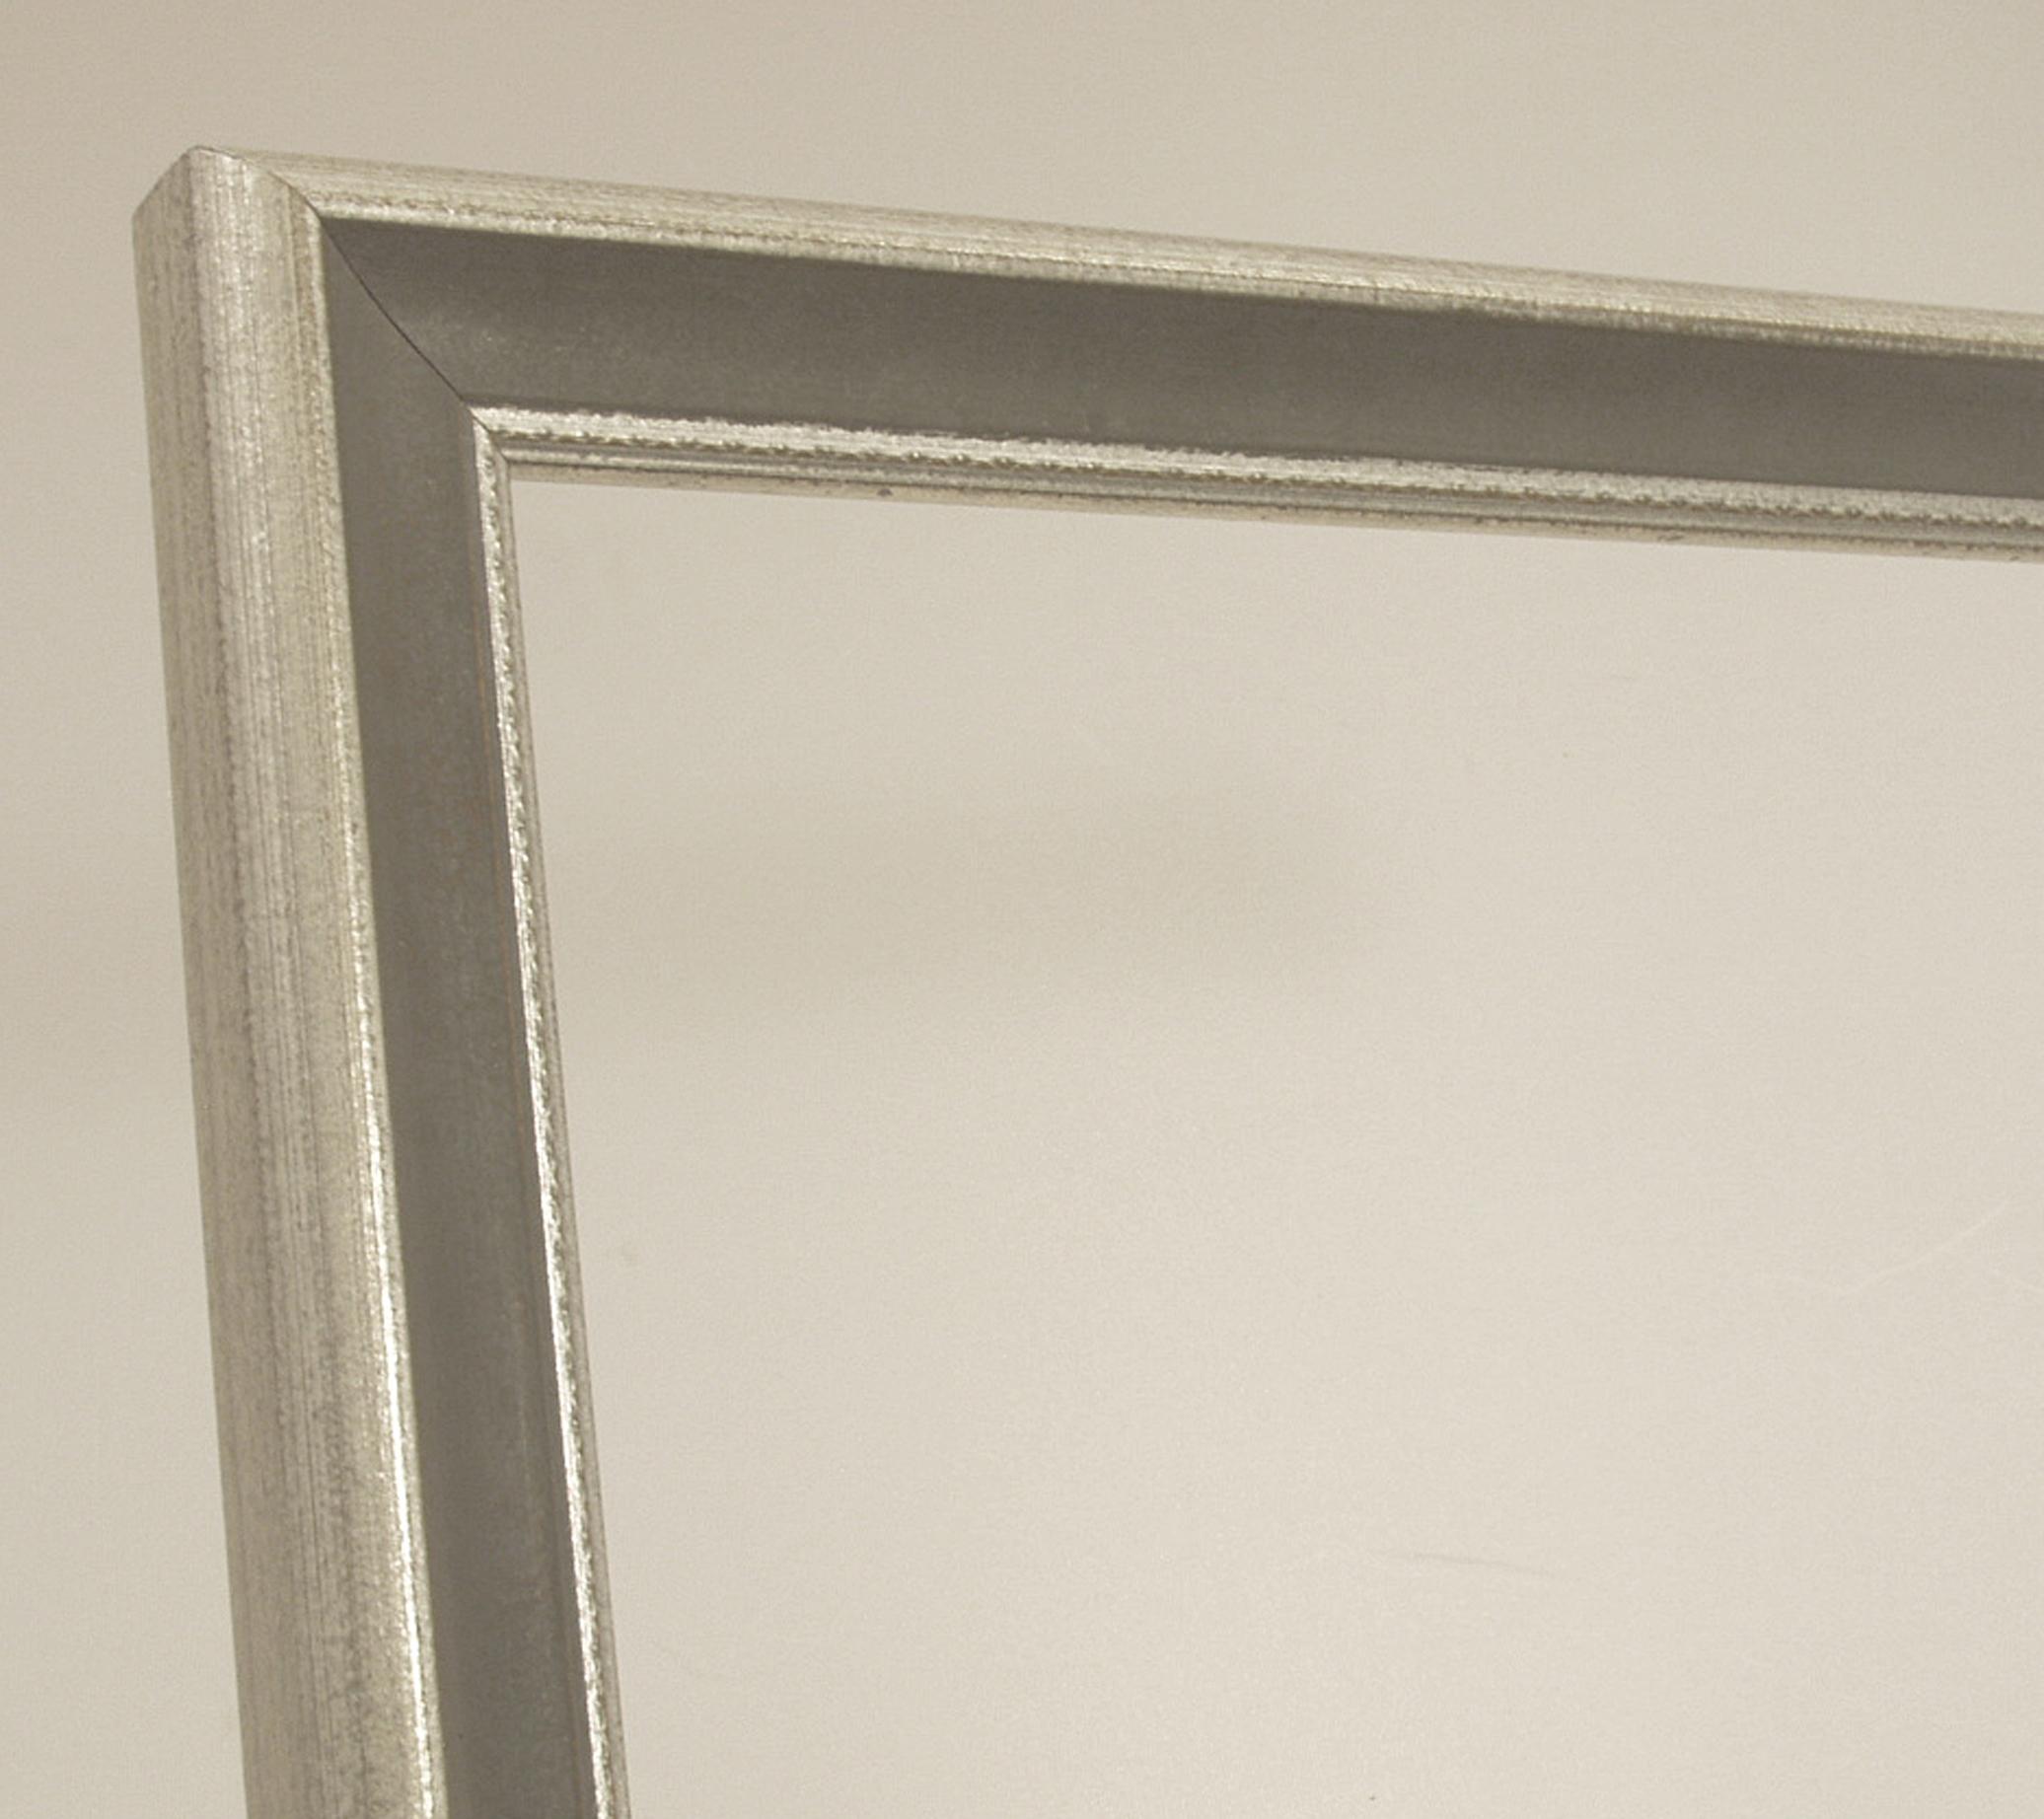 Bilderrahmen Louisa, Italienischer Bilderrahmen - Silber, Grau